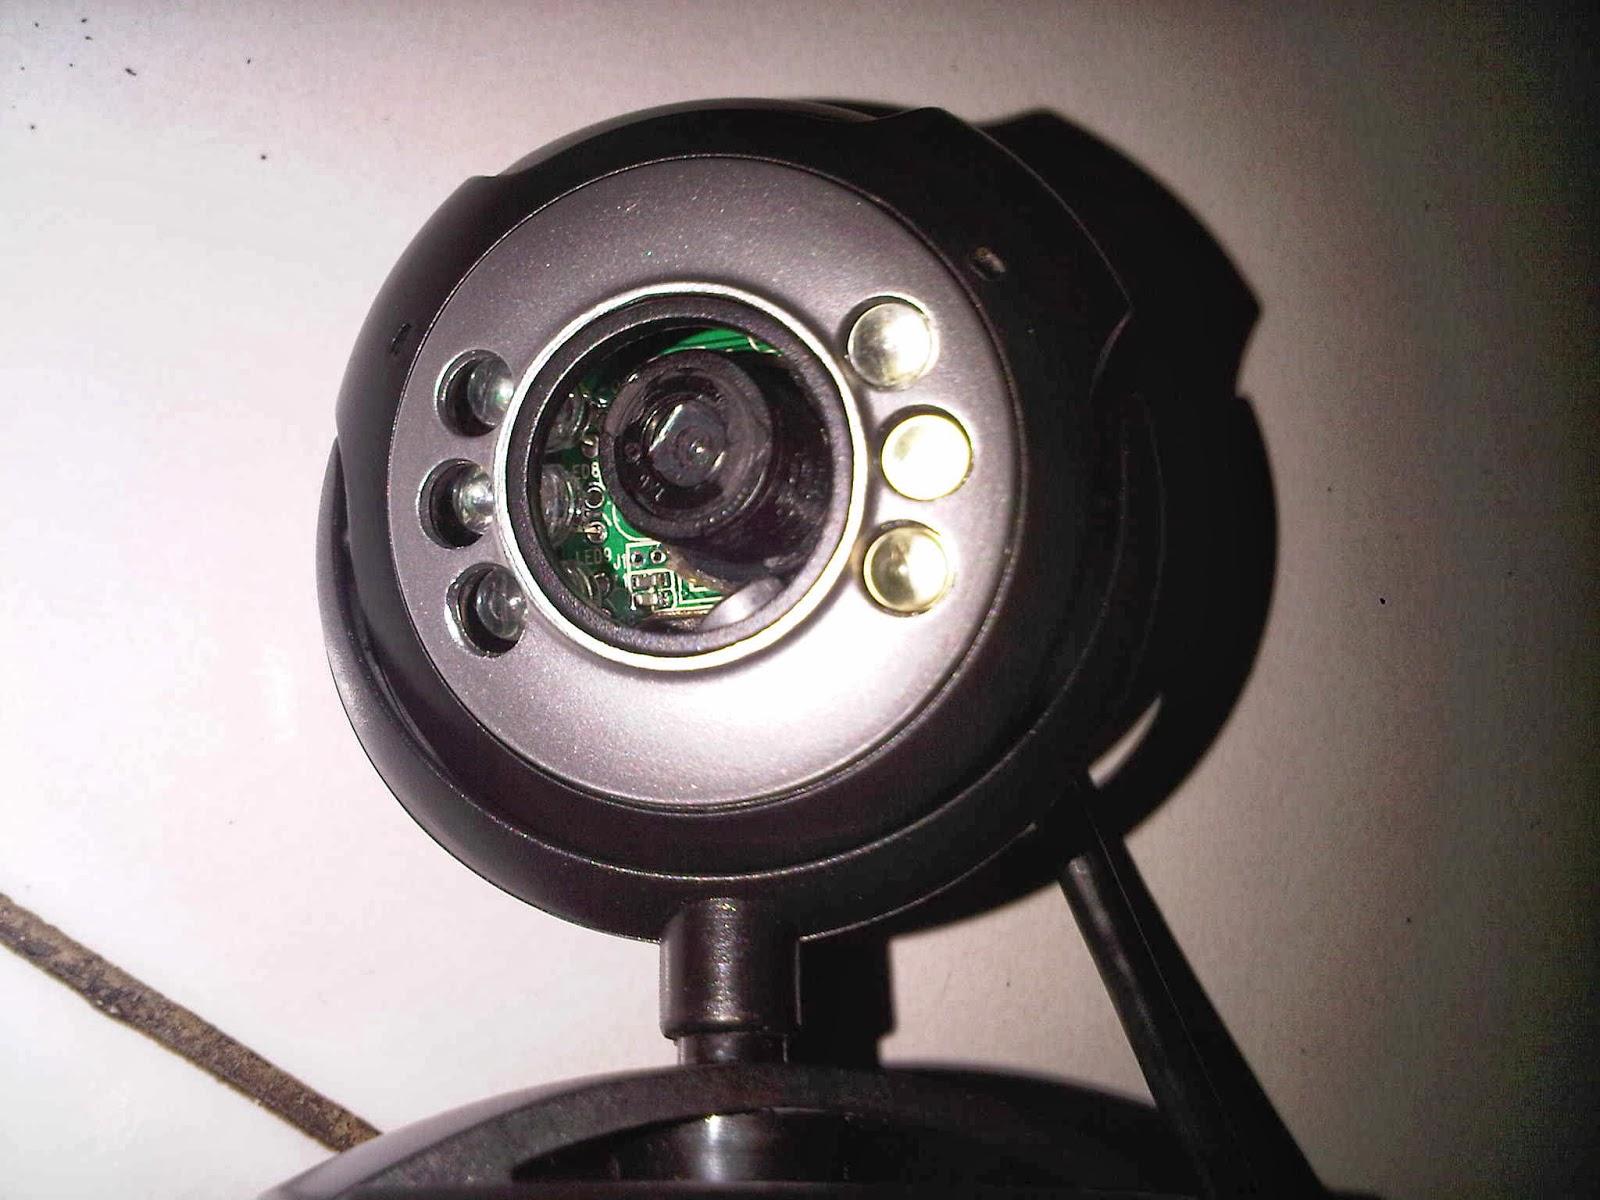 Blog sederhana ku 23 : cara membuat mikroskop dari webcam